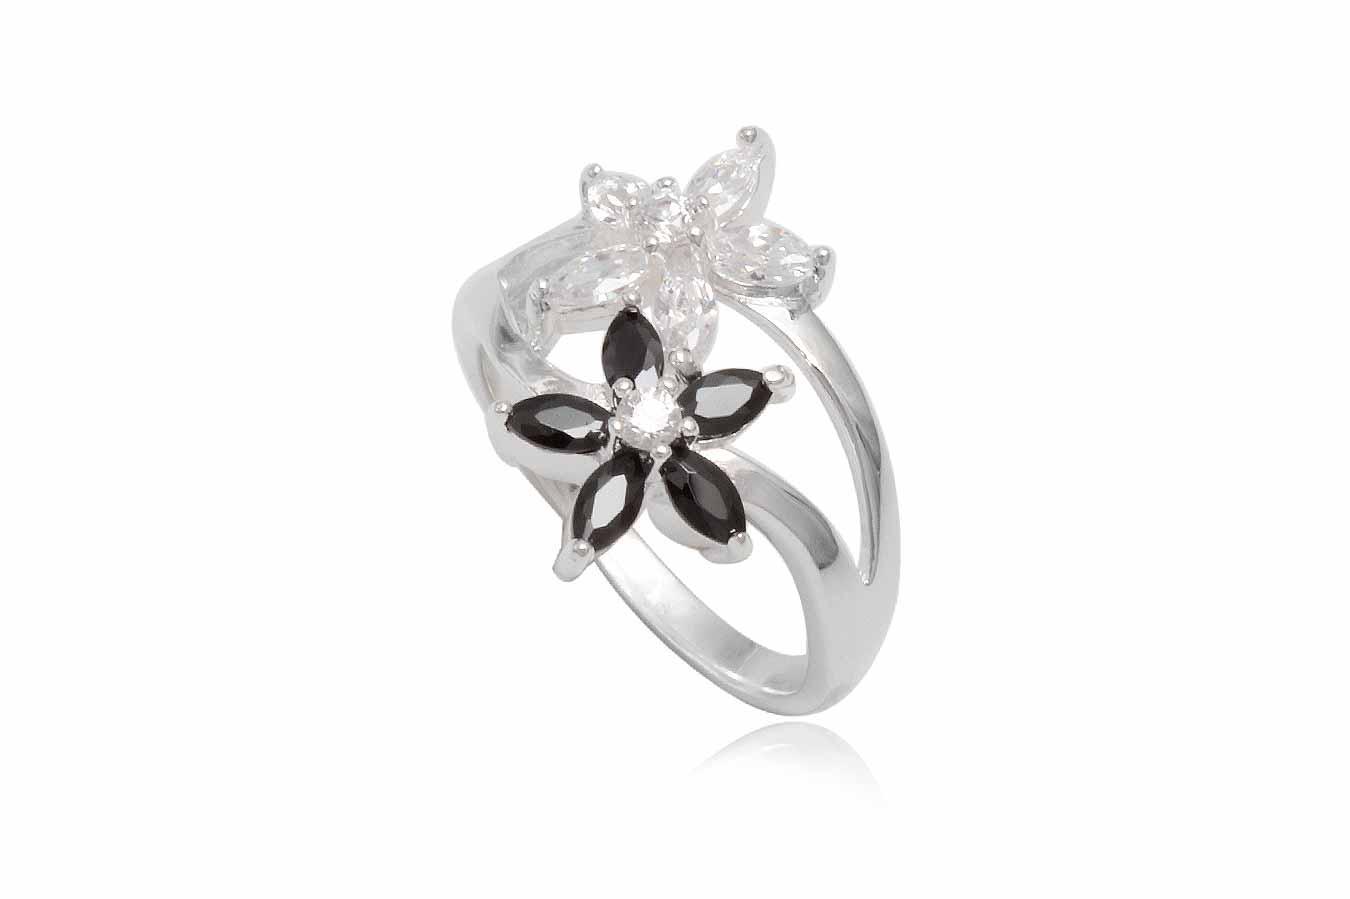 inel din argint cu flori in alb si negru